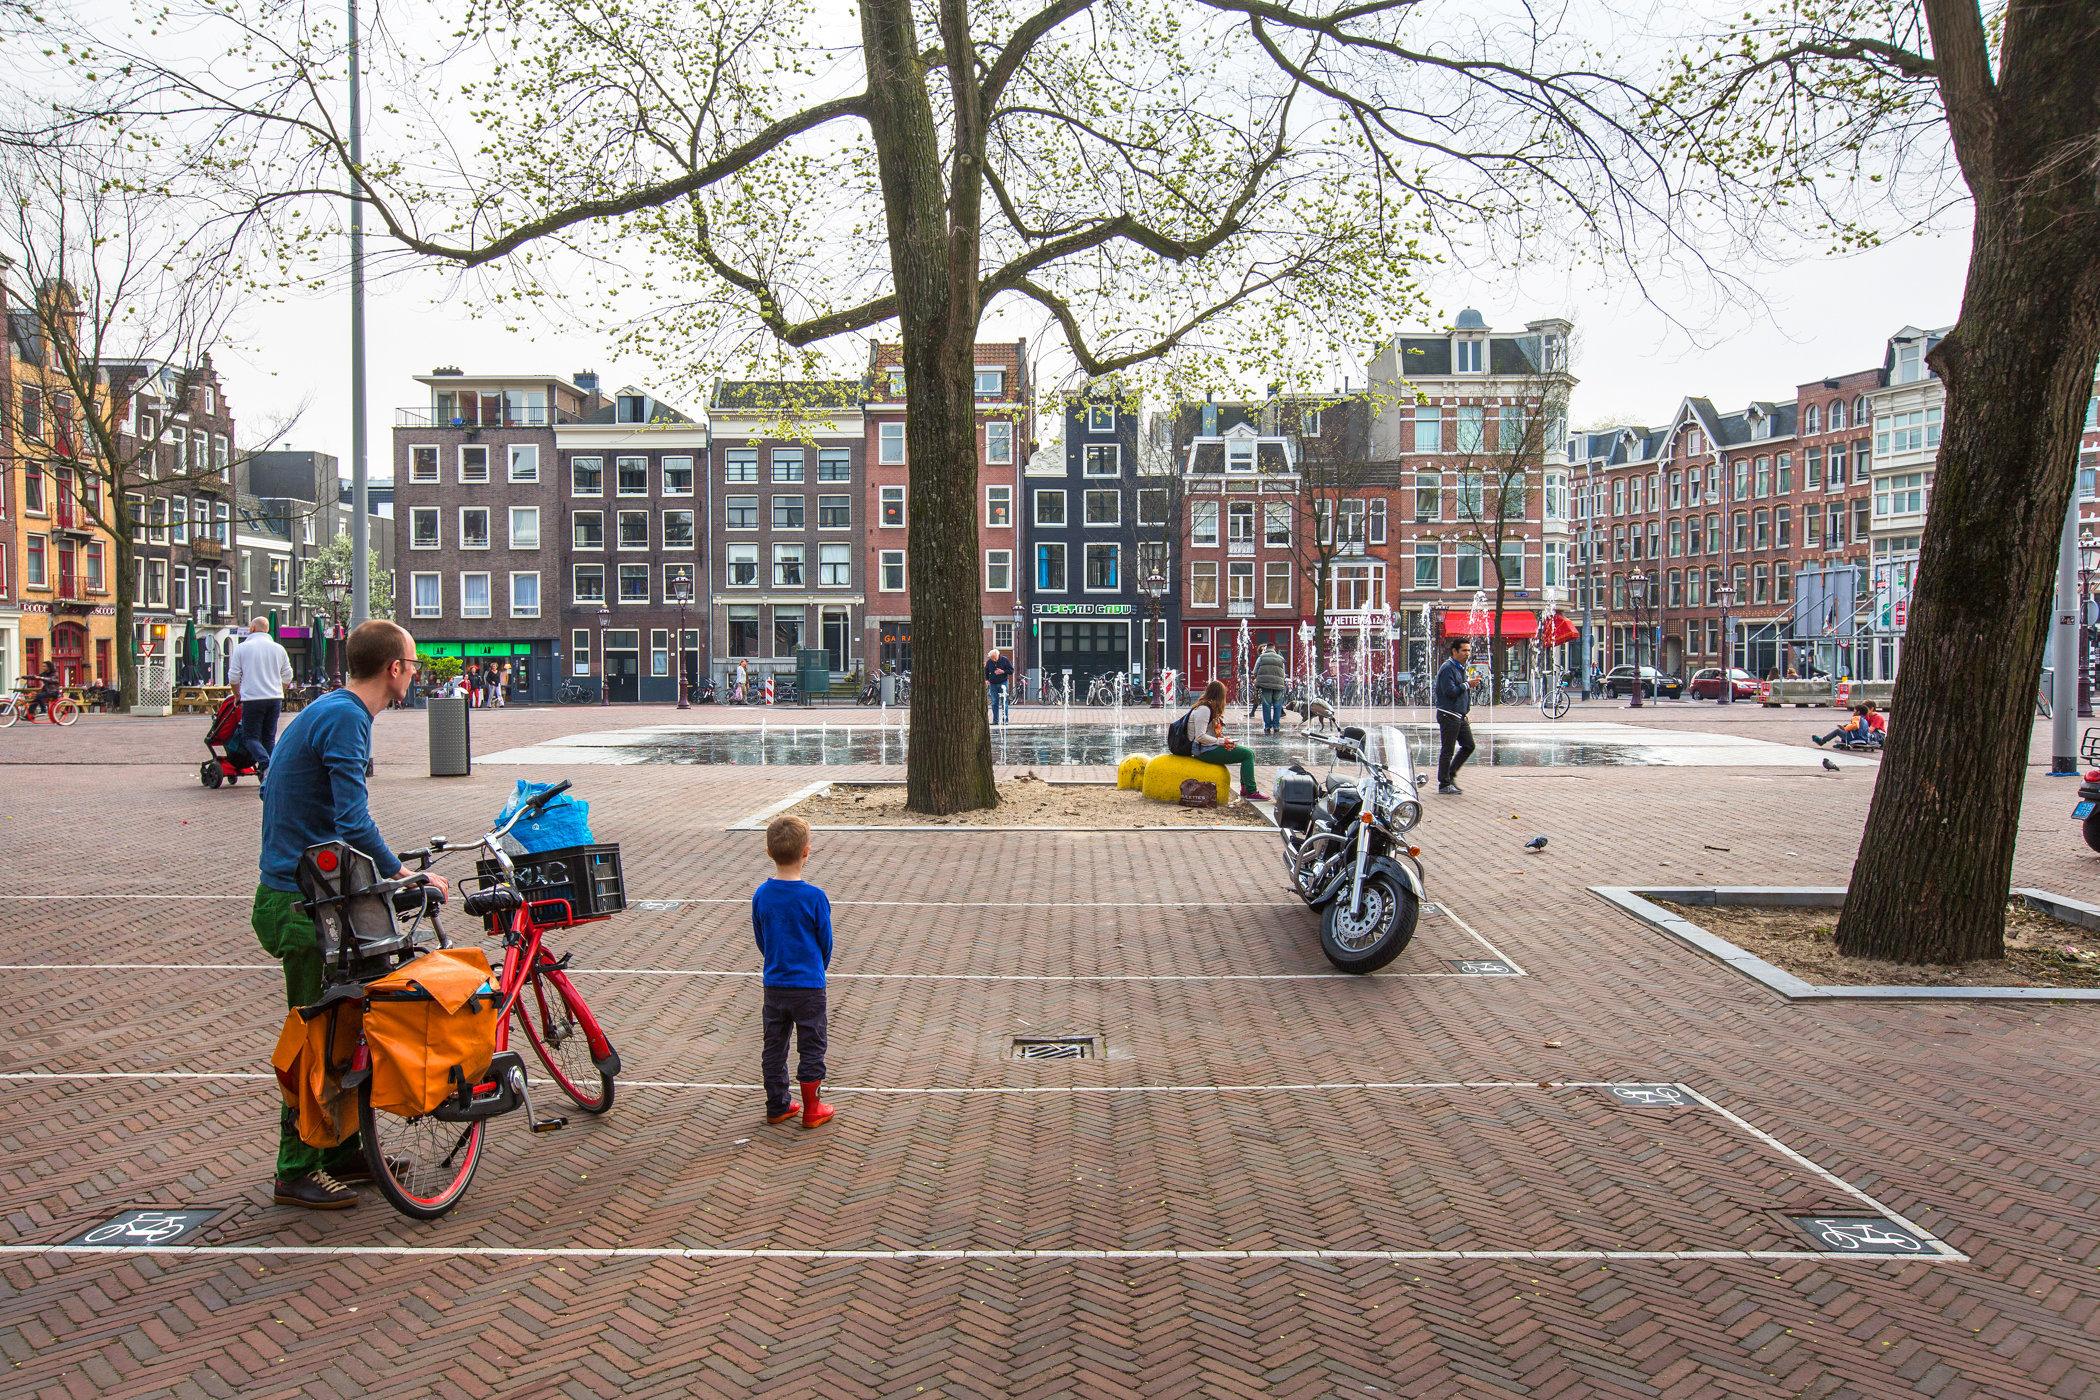 Haarlemmerplein, Amsterdam